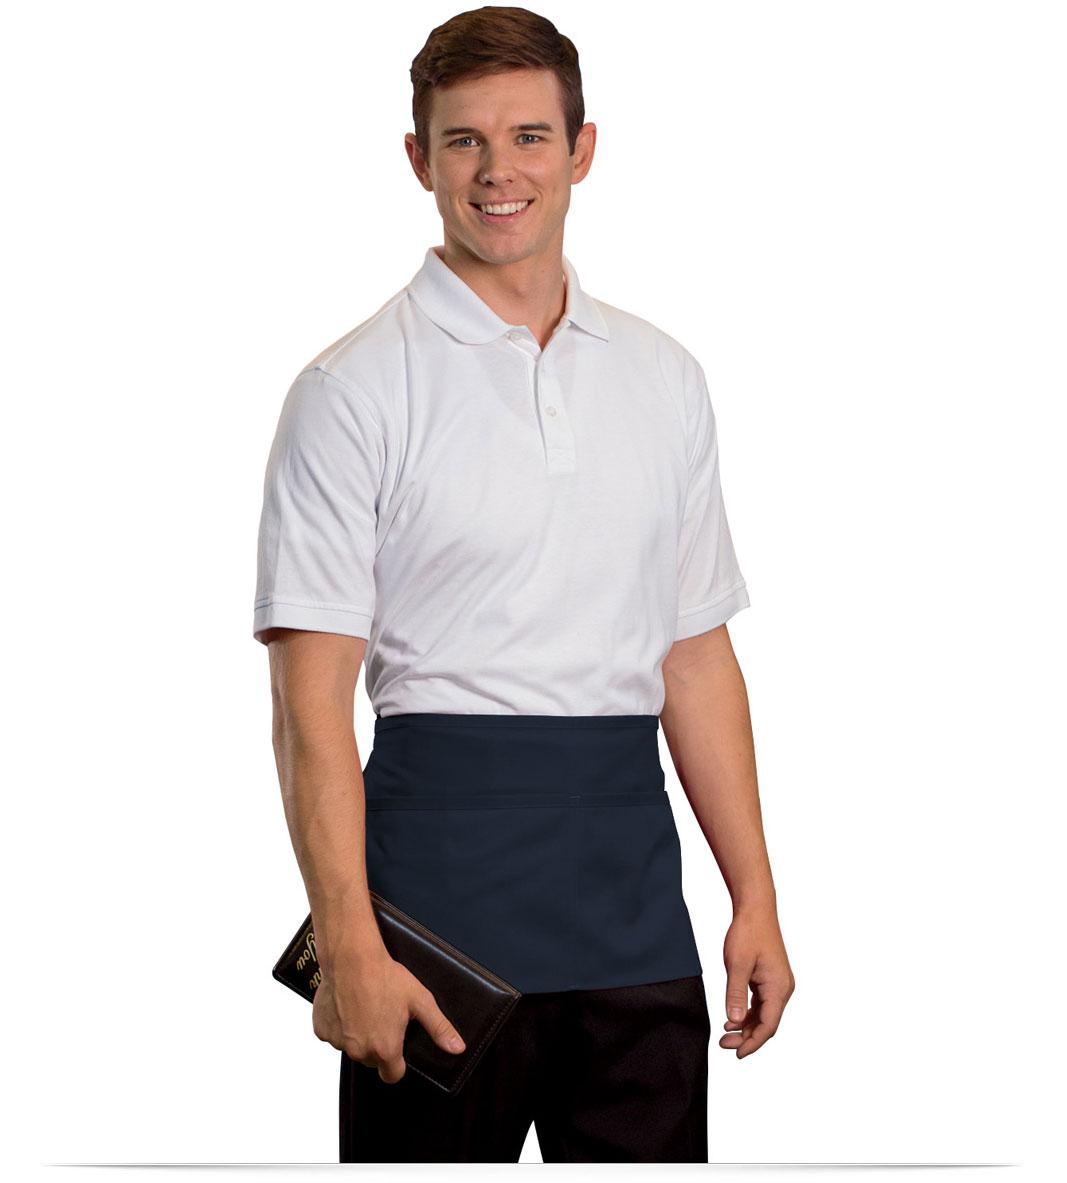 Personalized Waist Apron w/ 2 Pockets